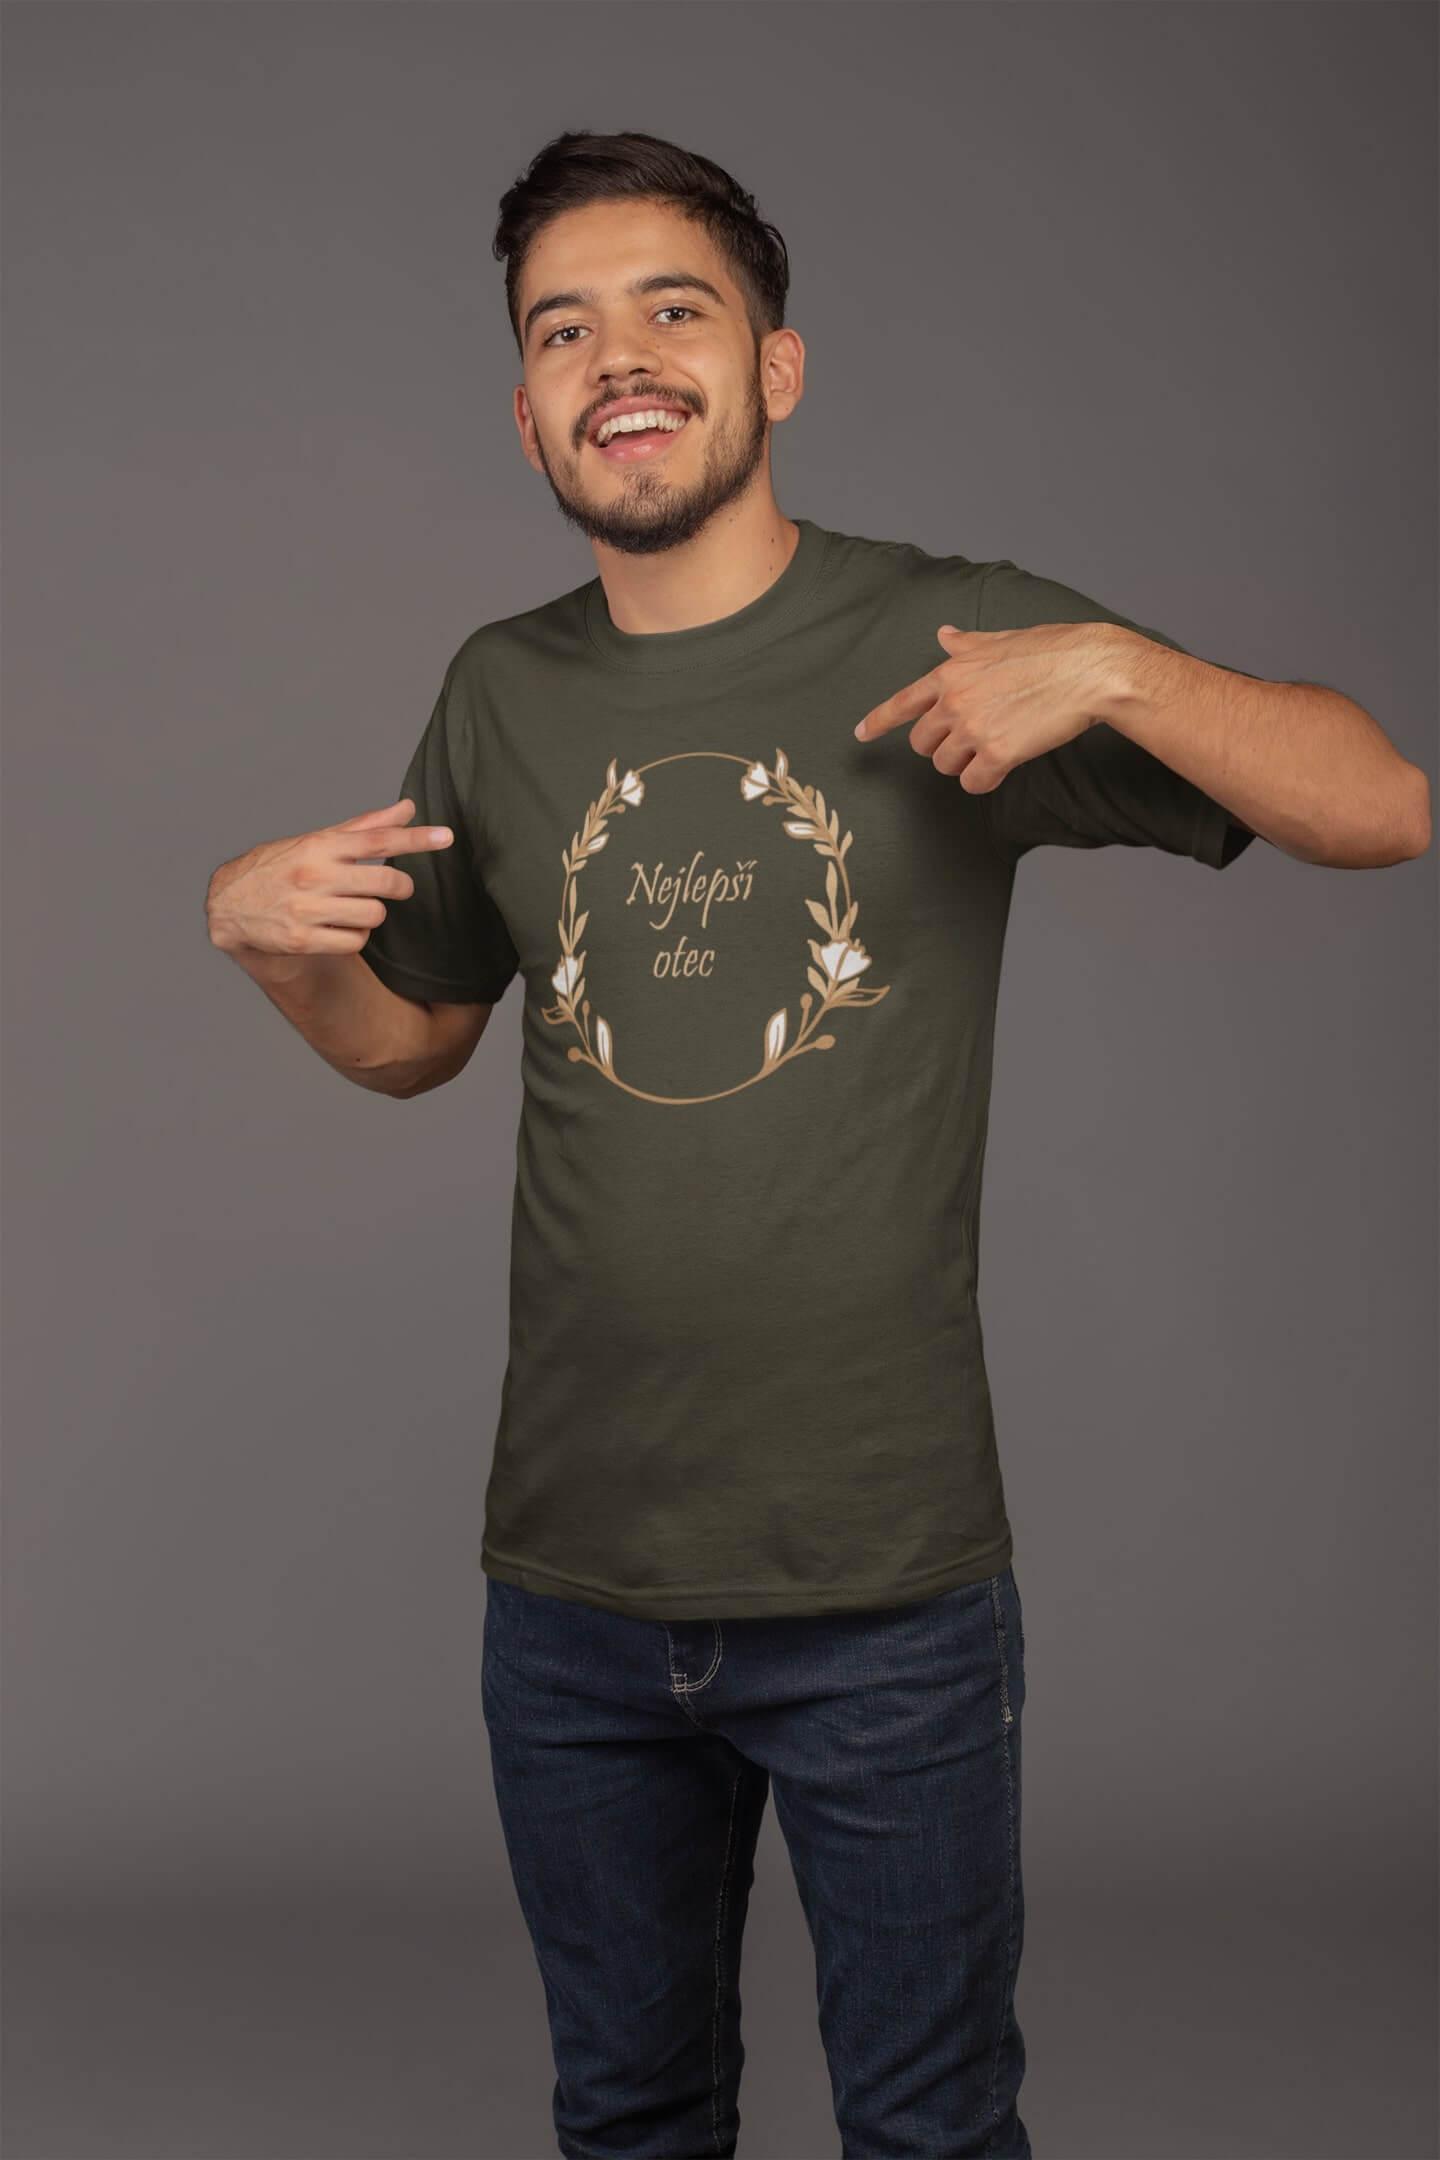 MMO Pánske tričko pre otca Najlepší otec Vyberte farbu: Military, Vyberte veľkosť: XS